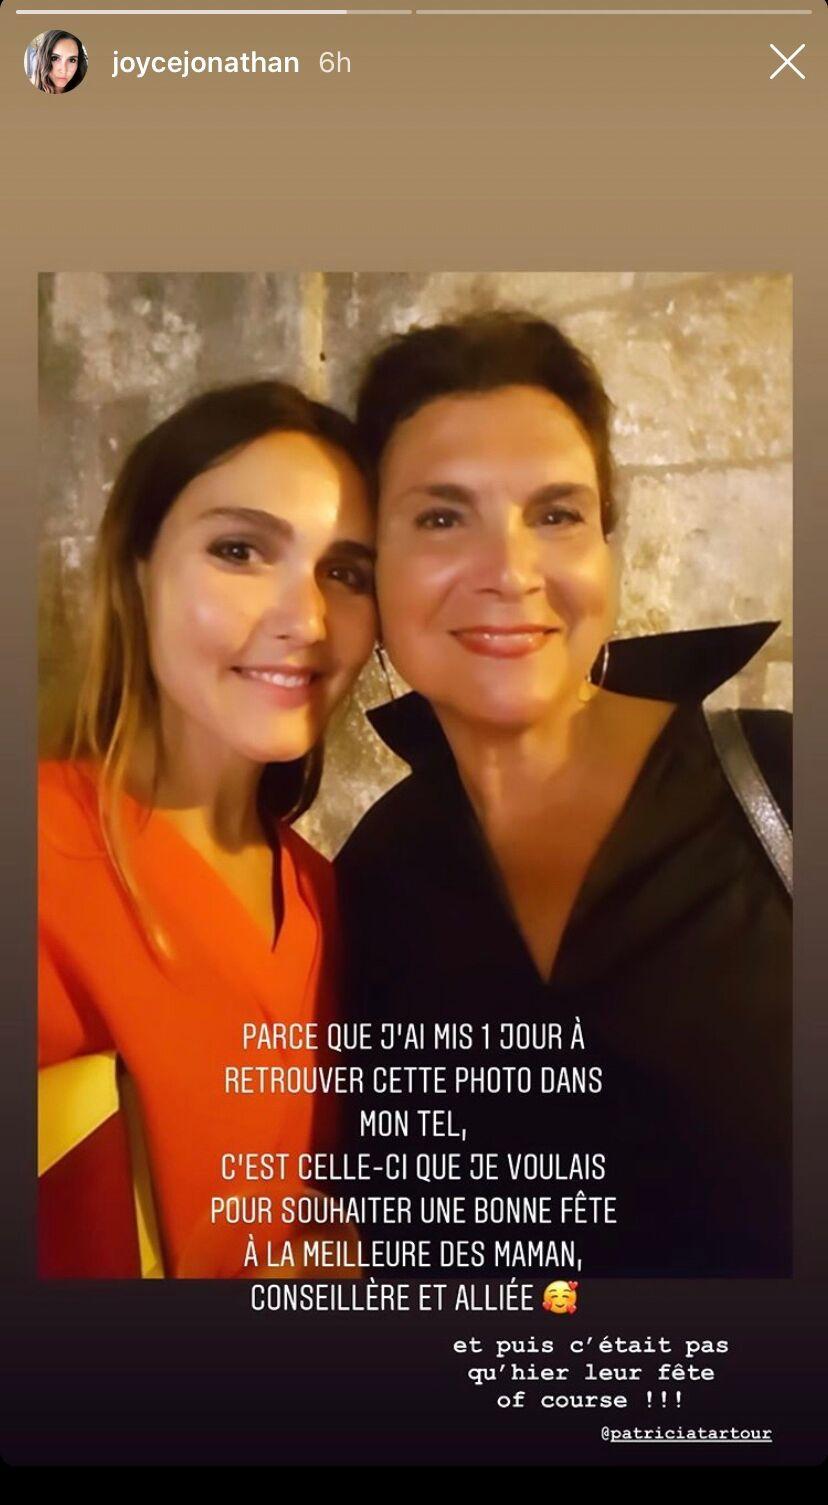 Story Instagram de Joyce Jonathan du 8 juin